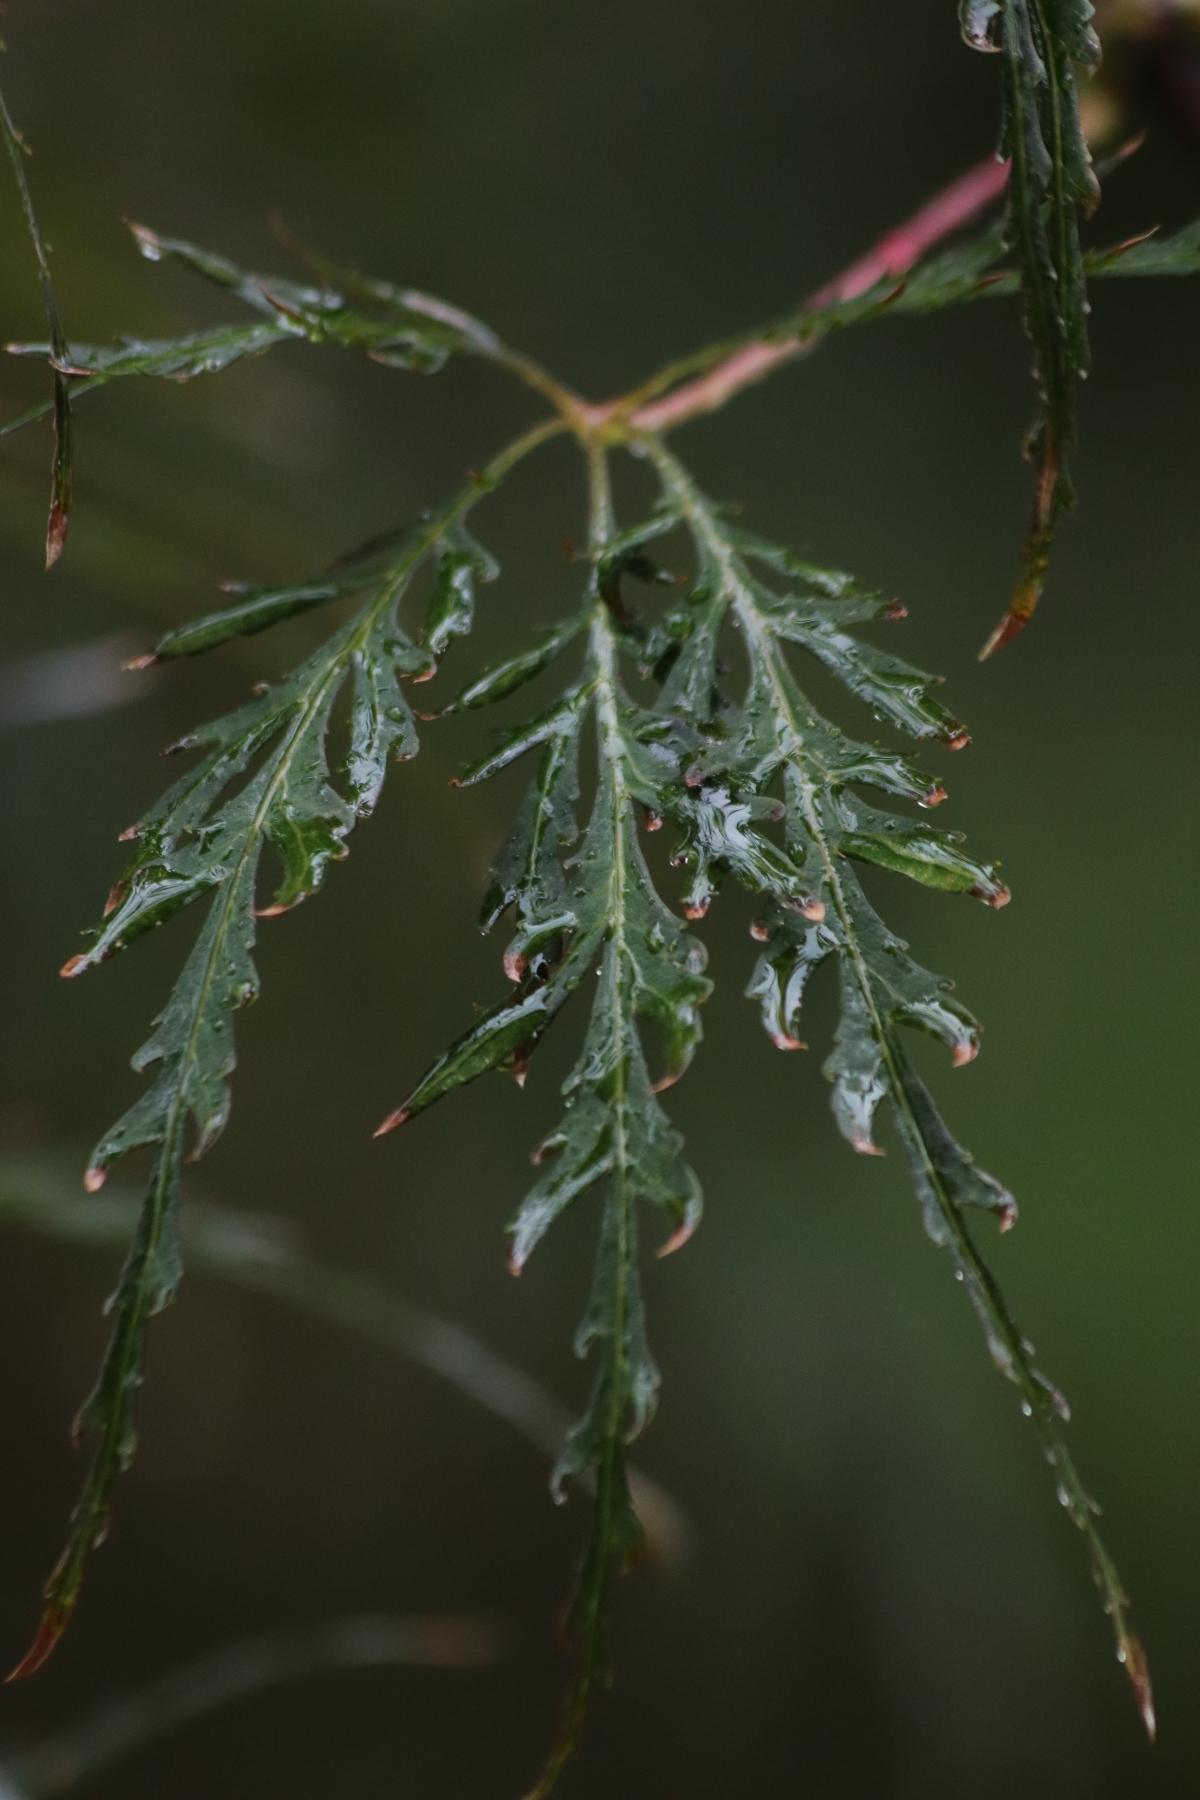 Rain Specked Japanese Maple Leaf